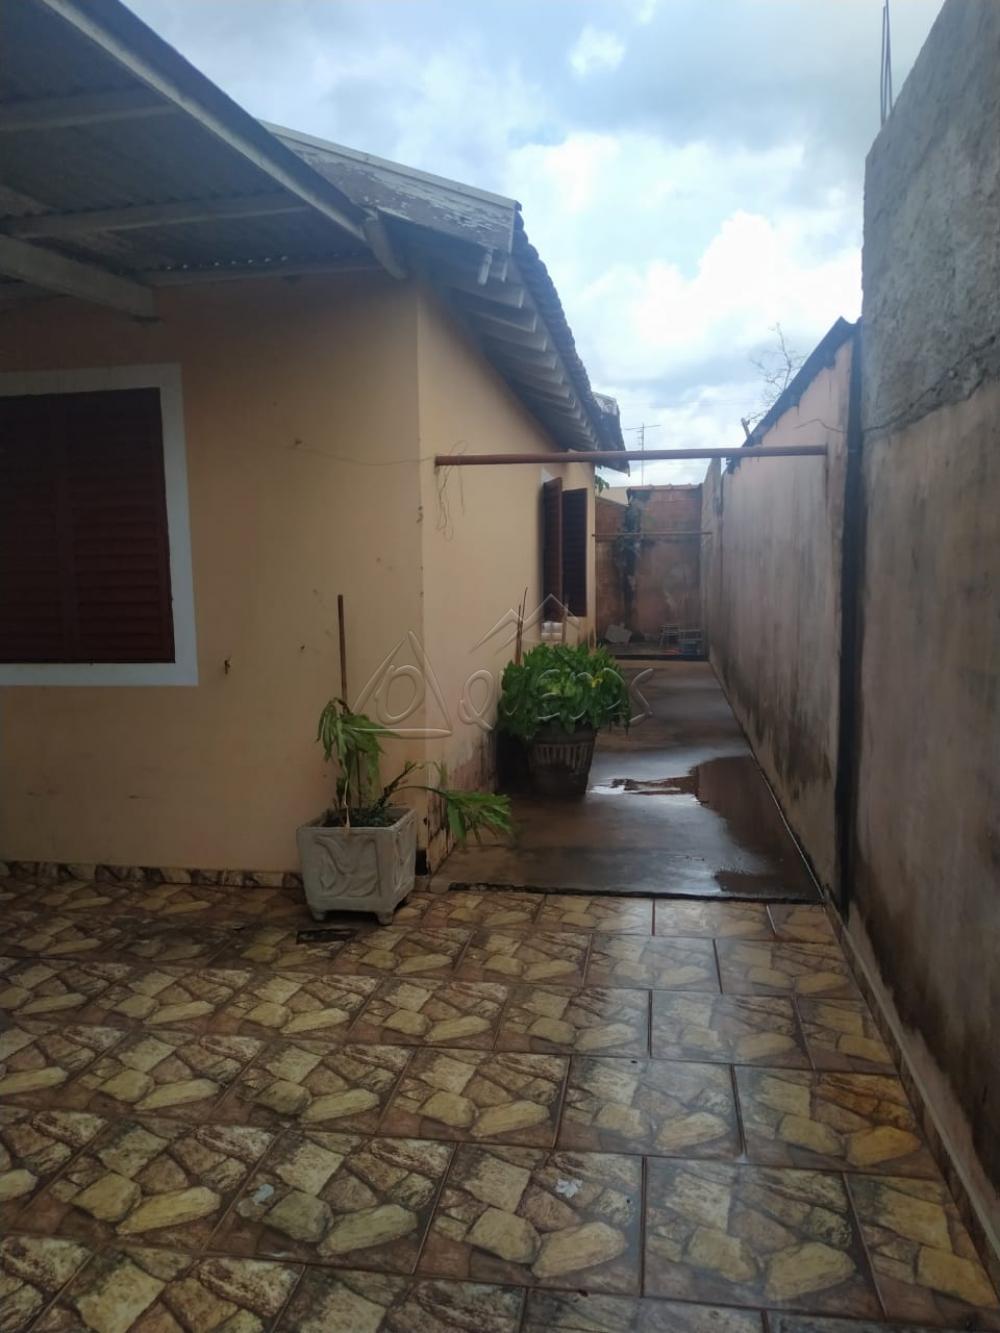 Comprar Casa / Padrão em Barretos apenas R$ 130.000,00 - Foto 3